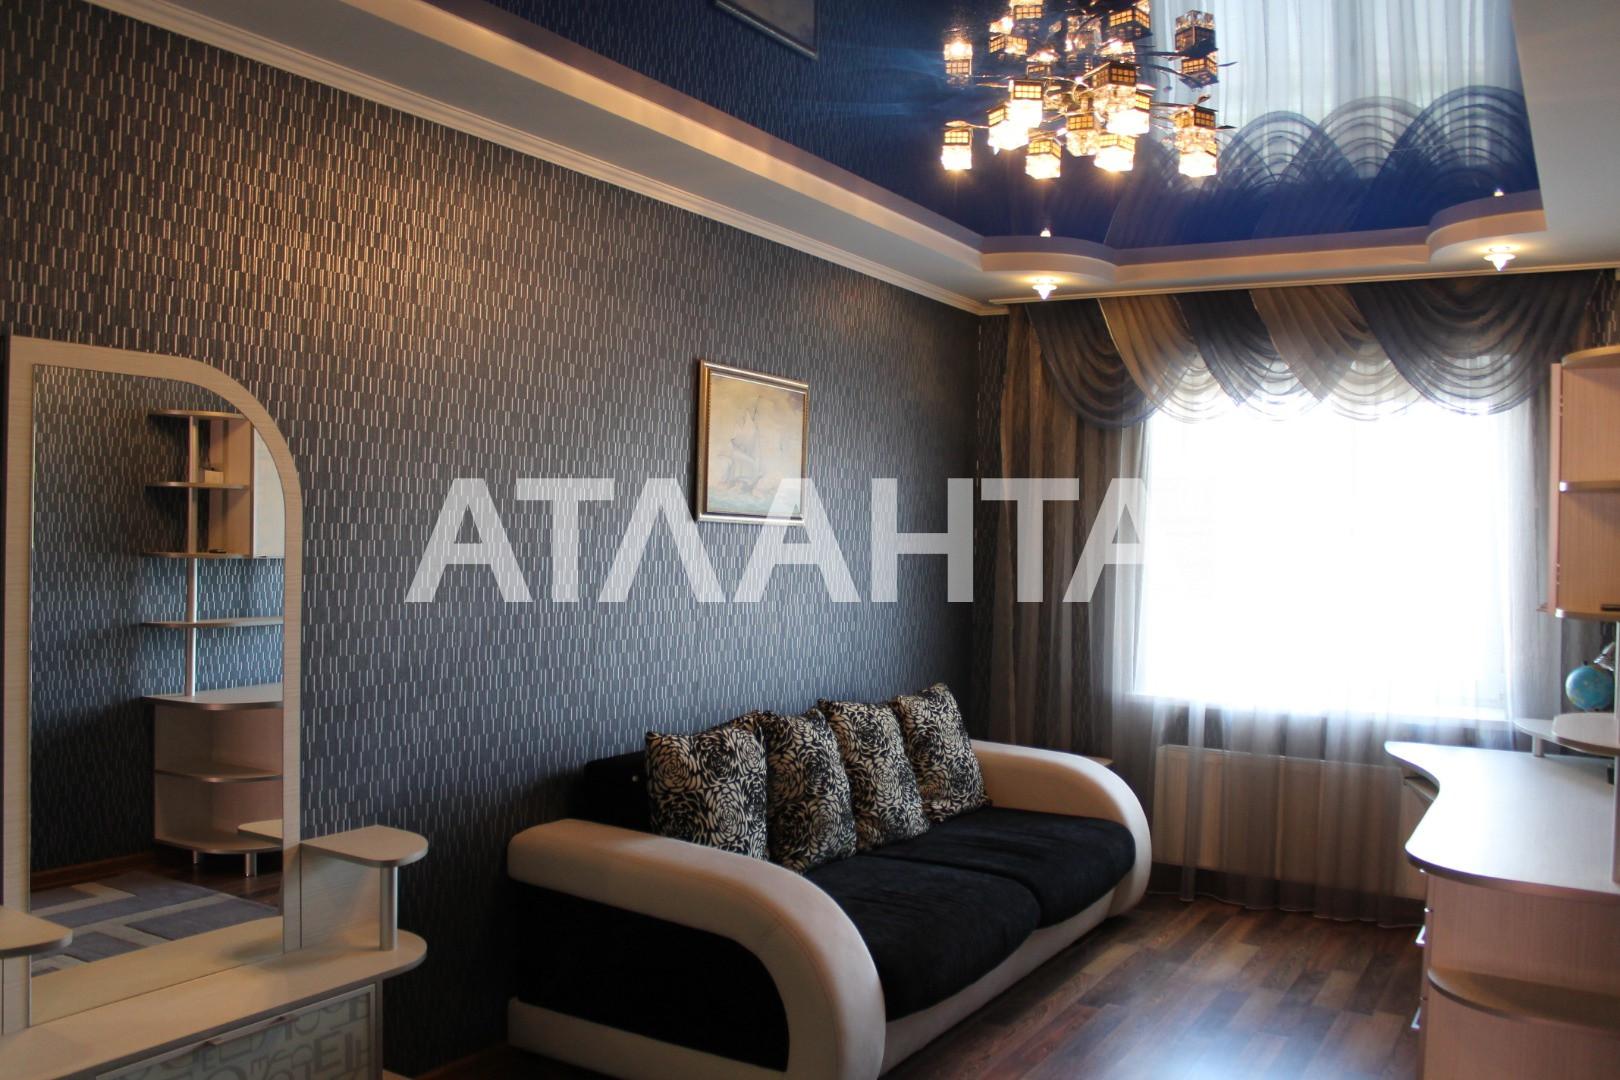 Продается 3-комнатная Квартира на ул. Мечникова — 145 000 у.е. (фото №16)